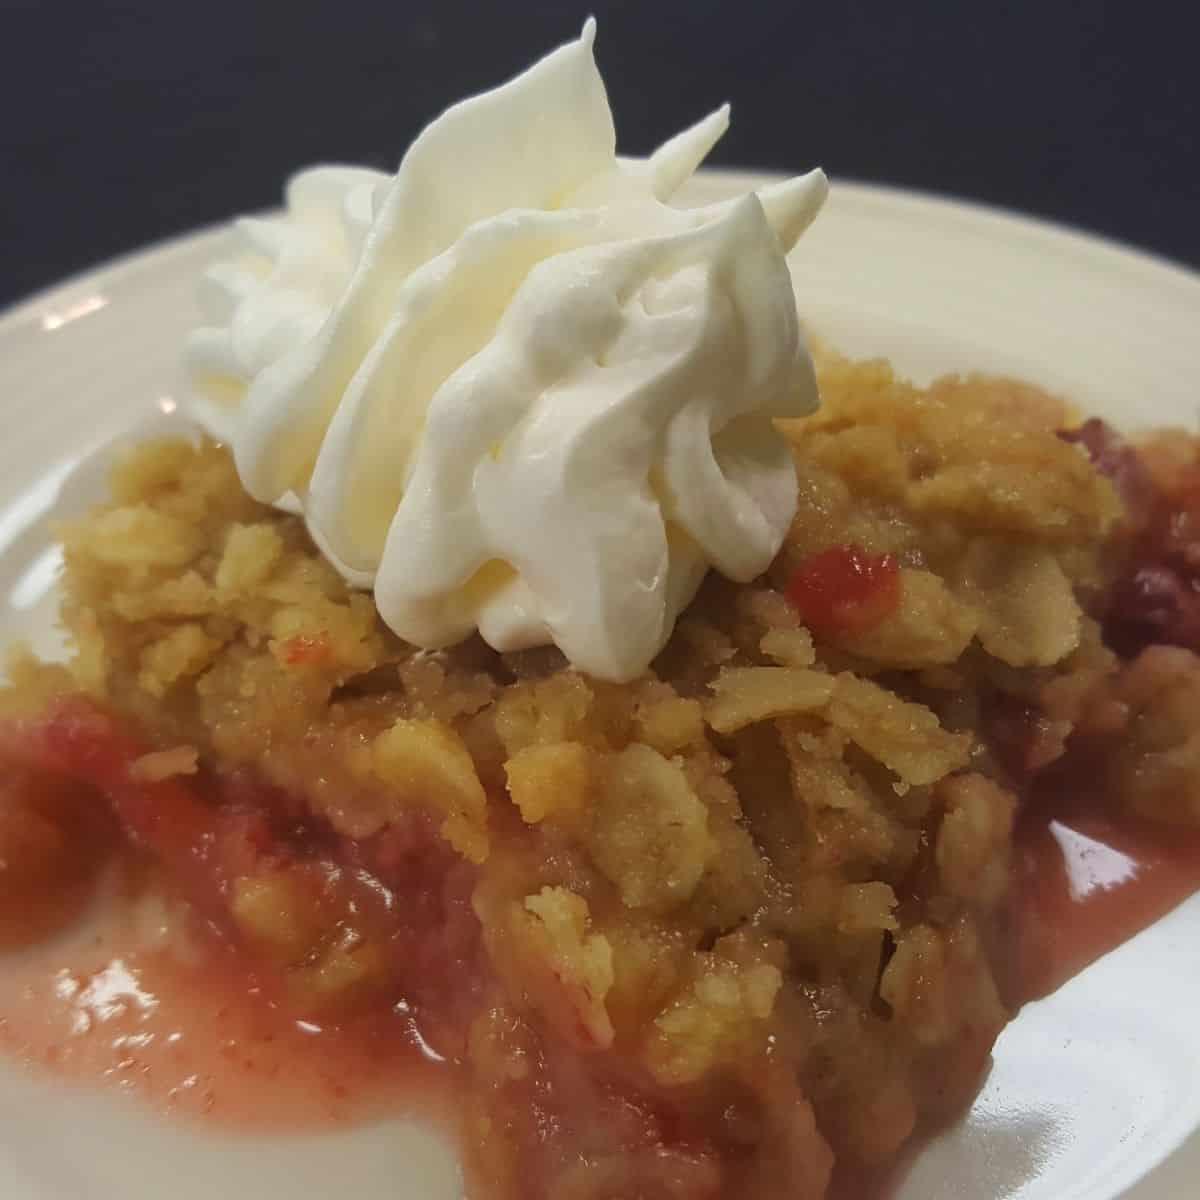 Keto Strawberry Rhubarb Crisp FI